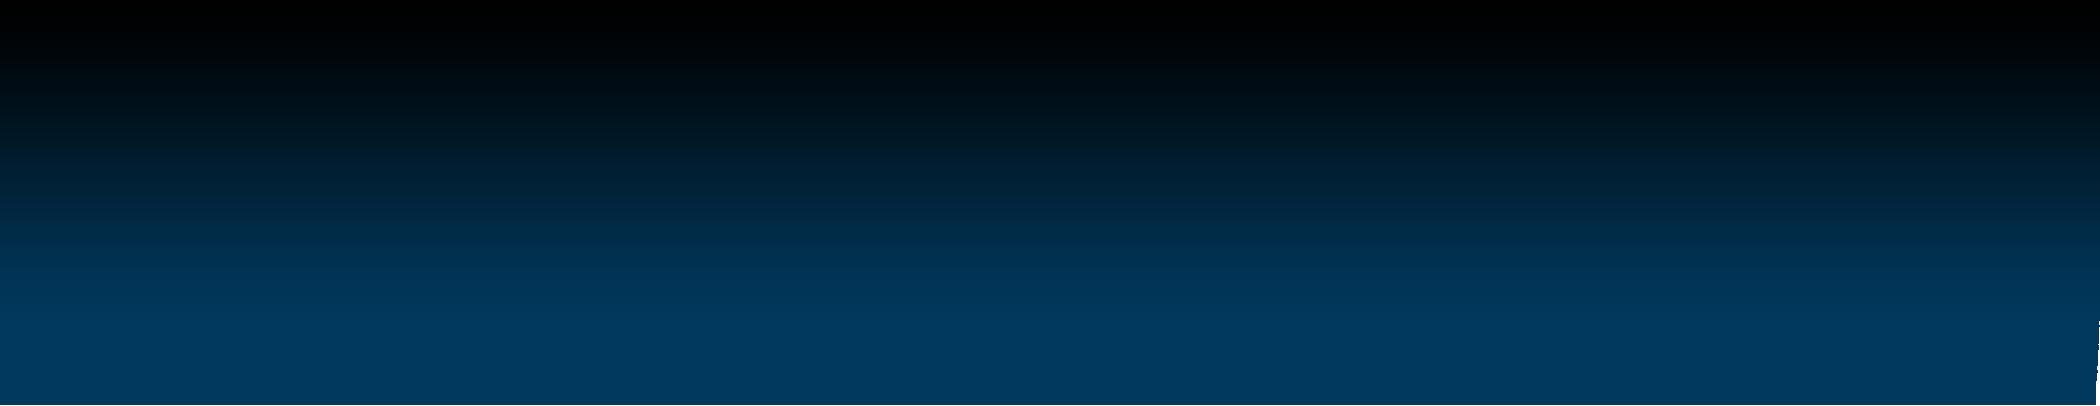 https://www.robertperryhealing.com/wp-content/uploads/2021/04/Blue_bottom_divider.png